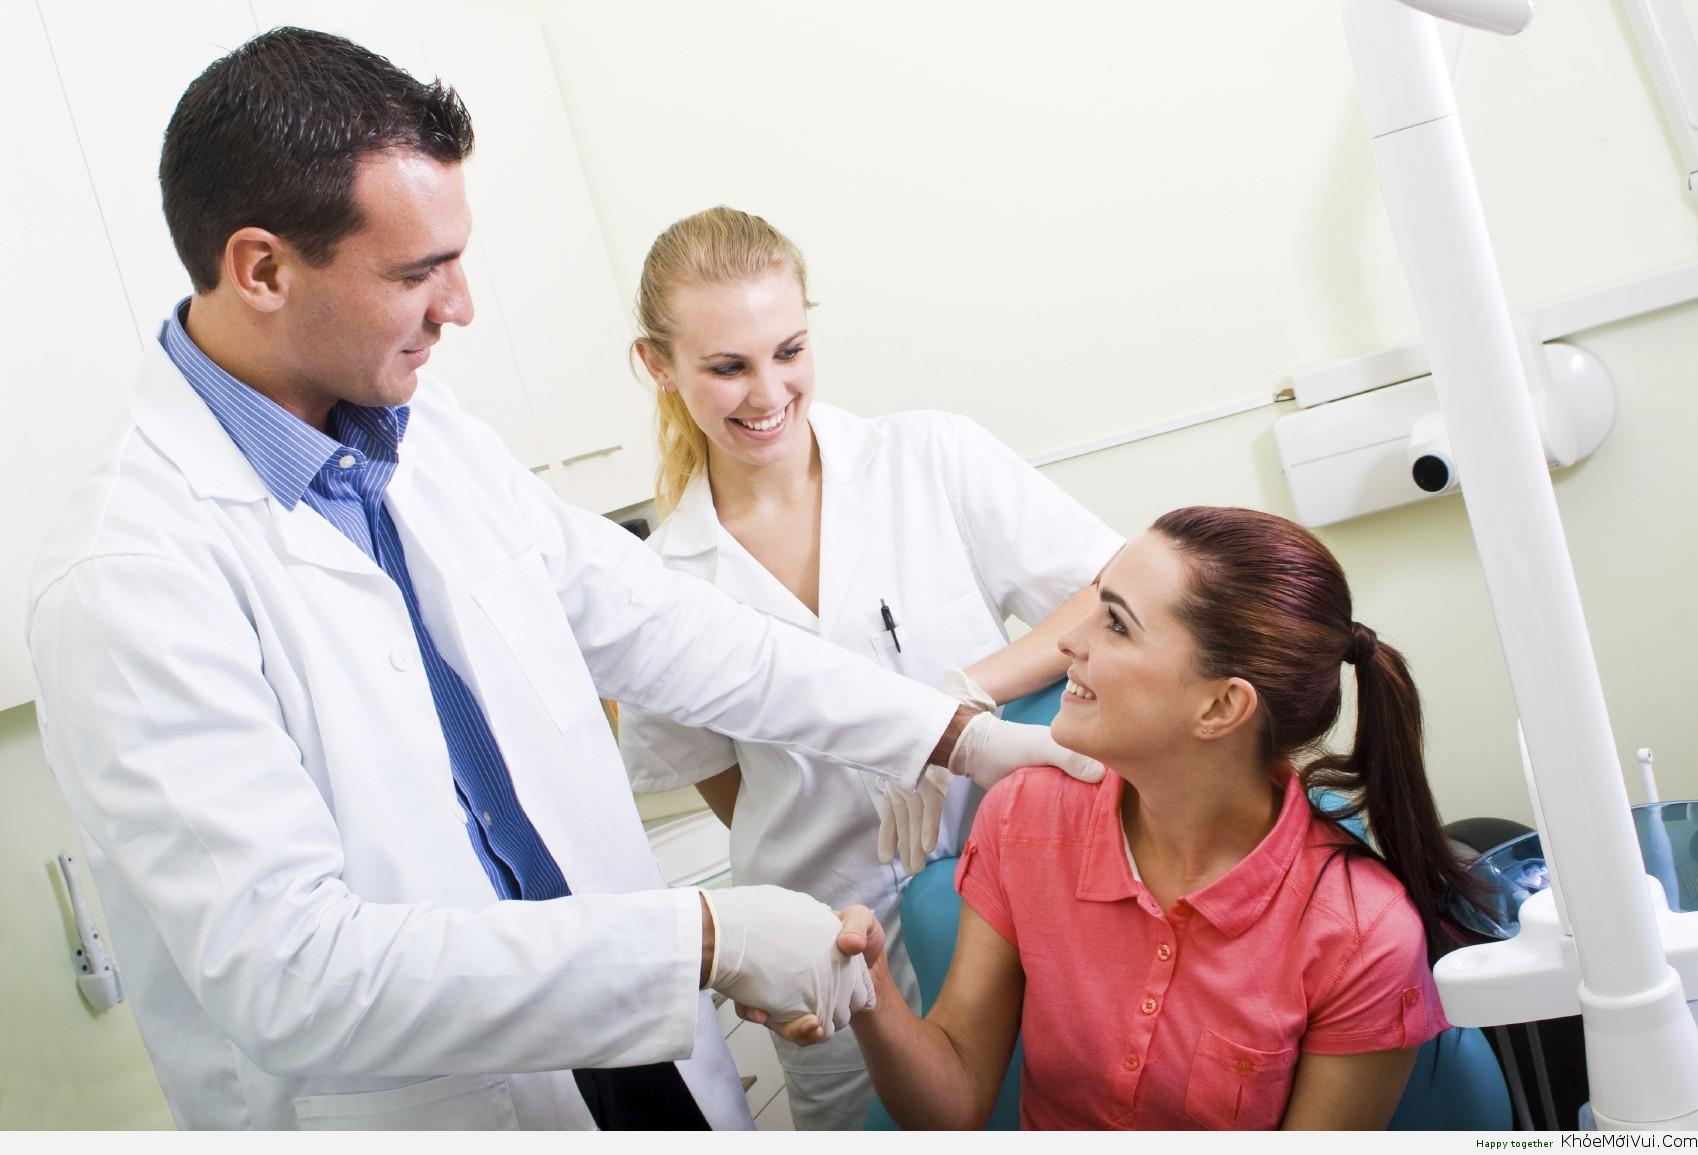 So sánh giữa uống thuốc phá thai và thủ thuật phá thai cùng kết quả